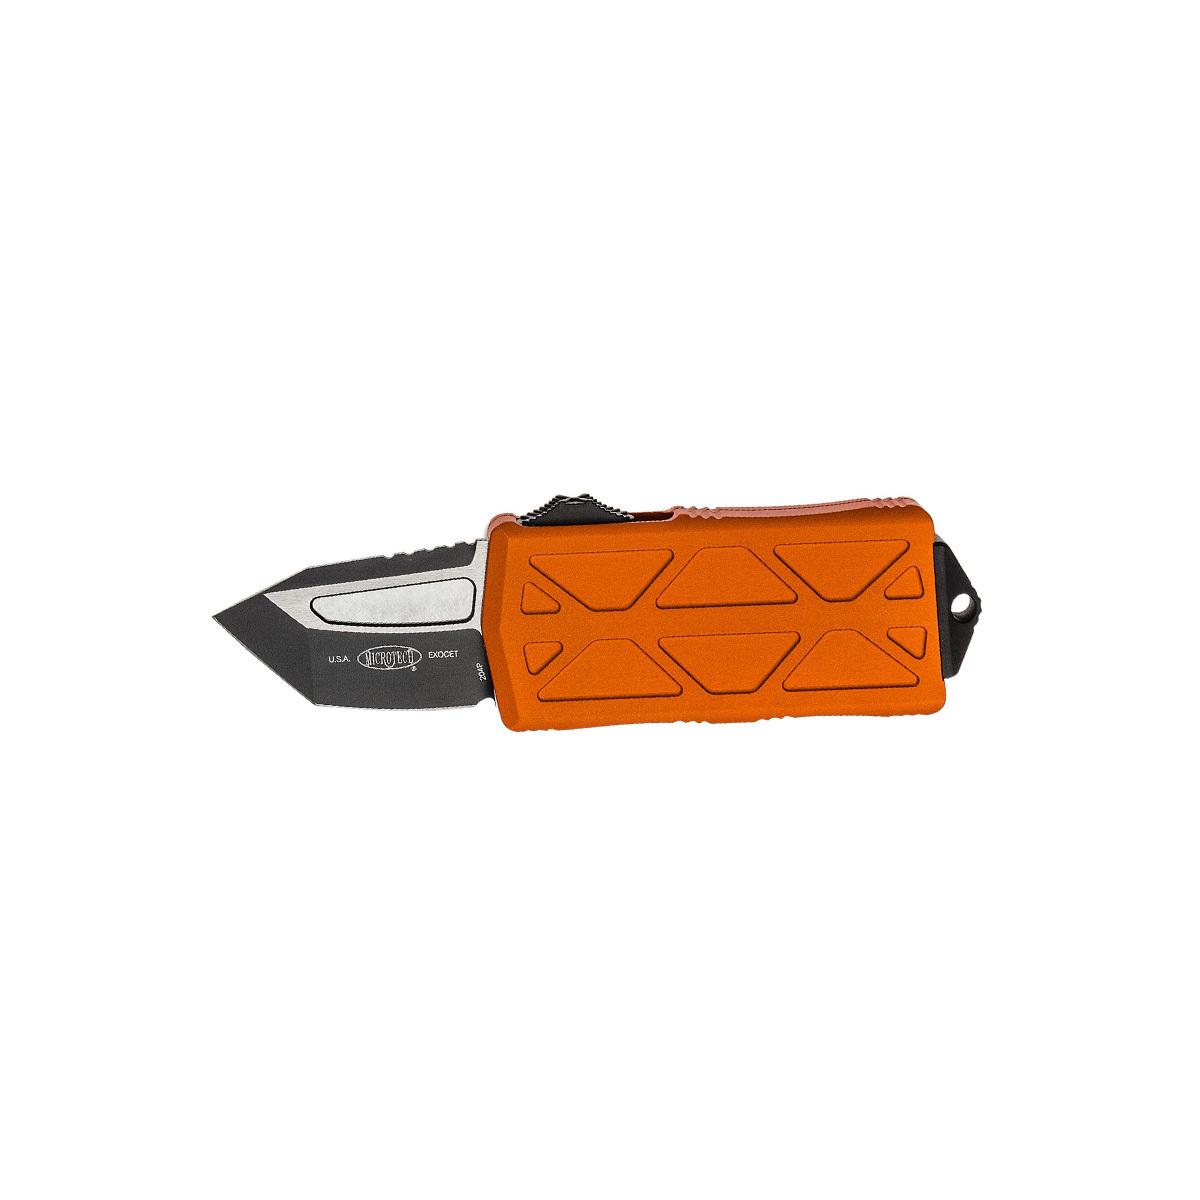 Автоматический выкидной нож-зажим для купюр Microtech Exocet MT_158-1OR, сталь CTS-204P, рукоять алюминиевый сплав